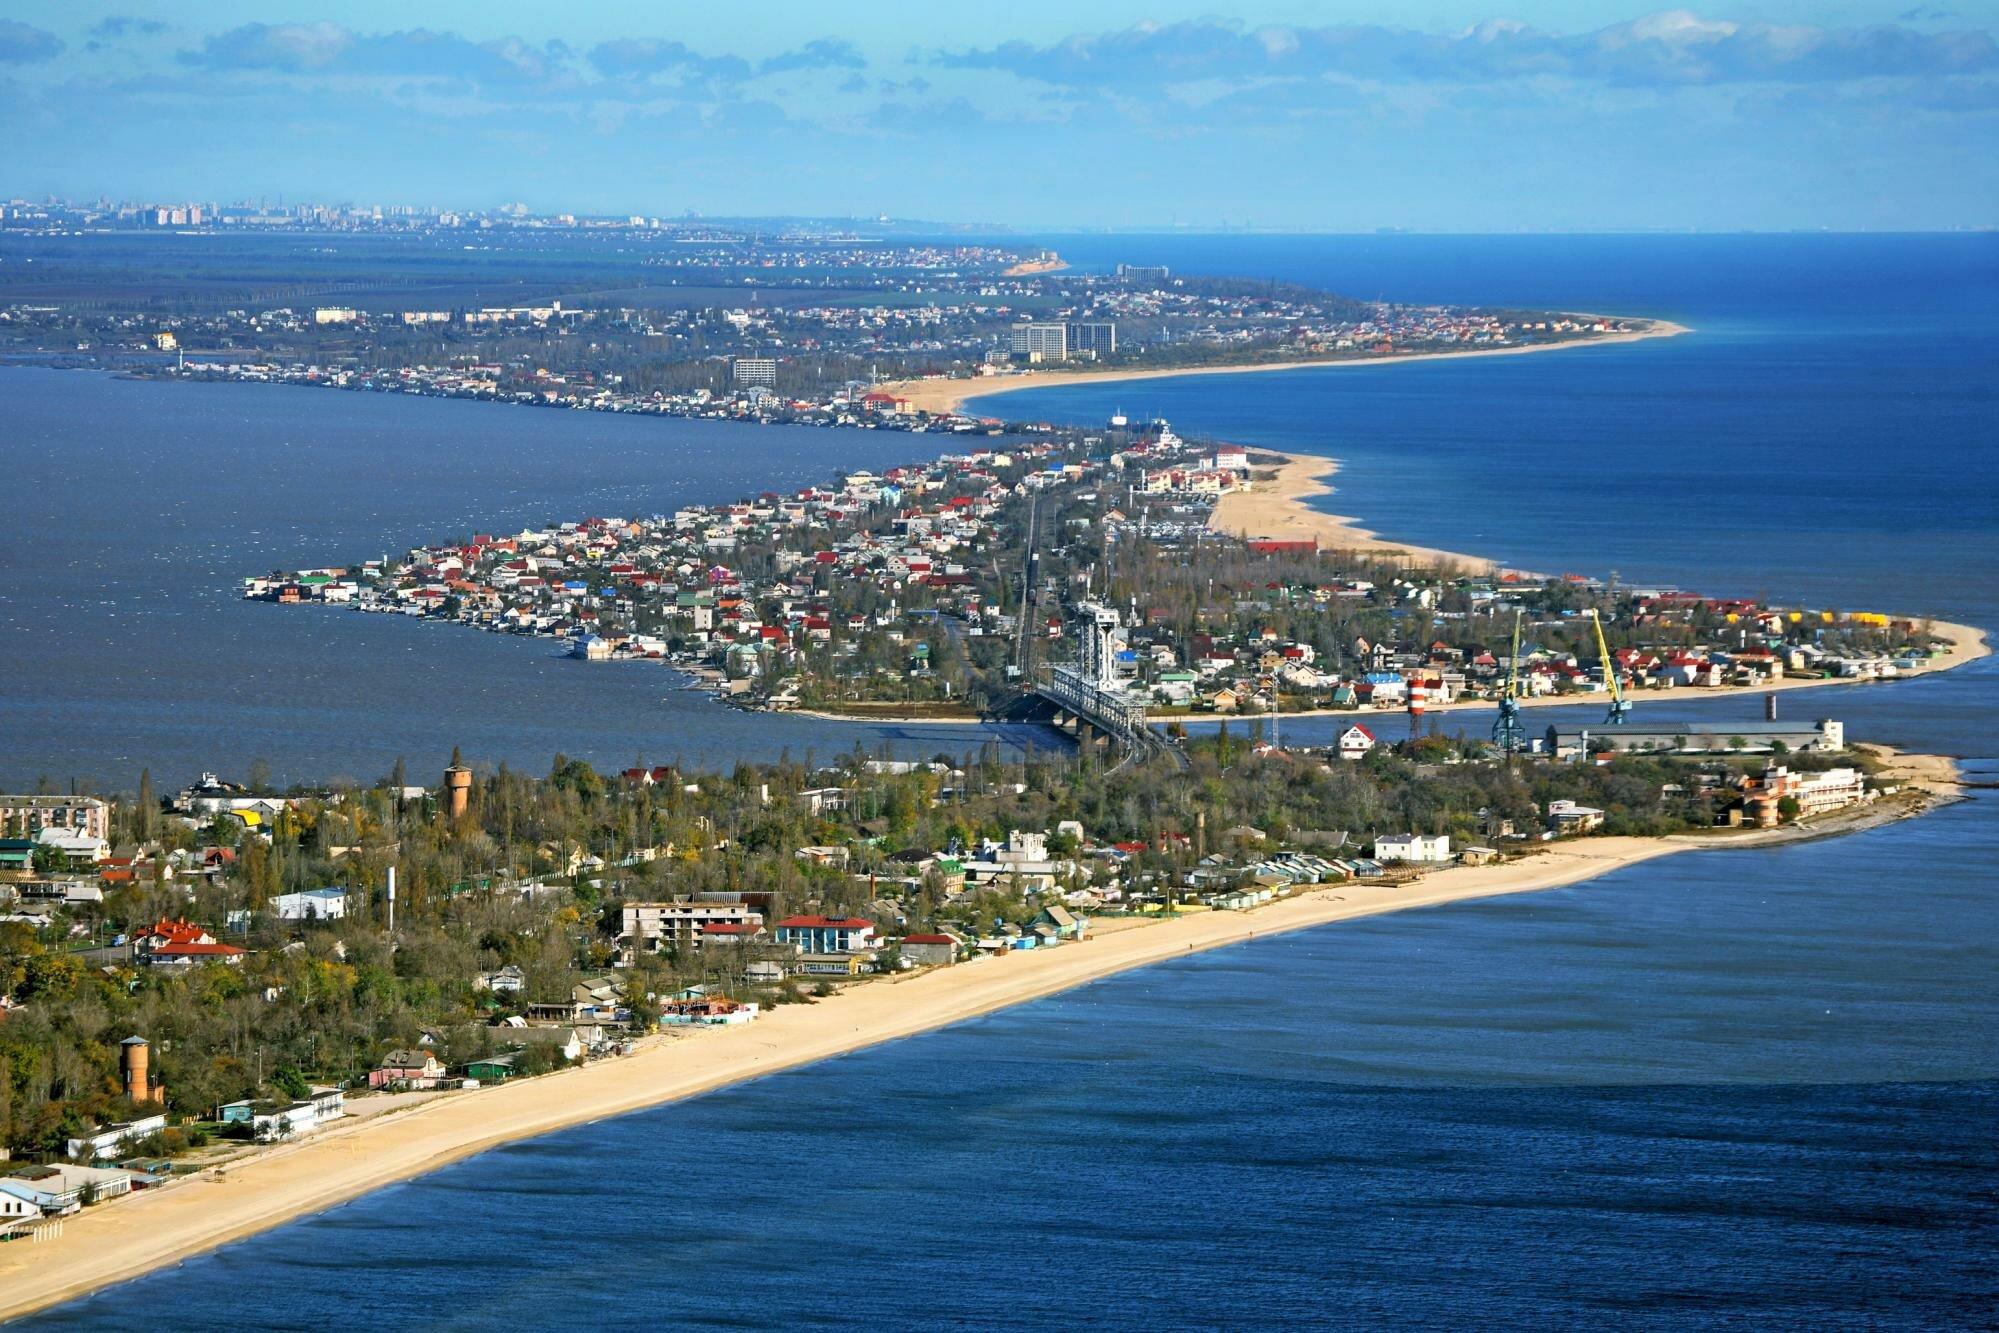 Золотой песок и волны: самые интересные курорты Черного и Азовского морей для отдыха летом